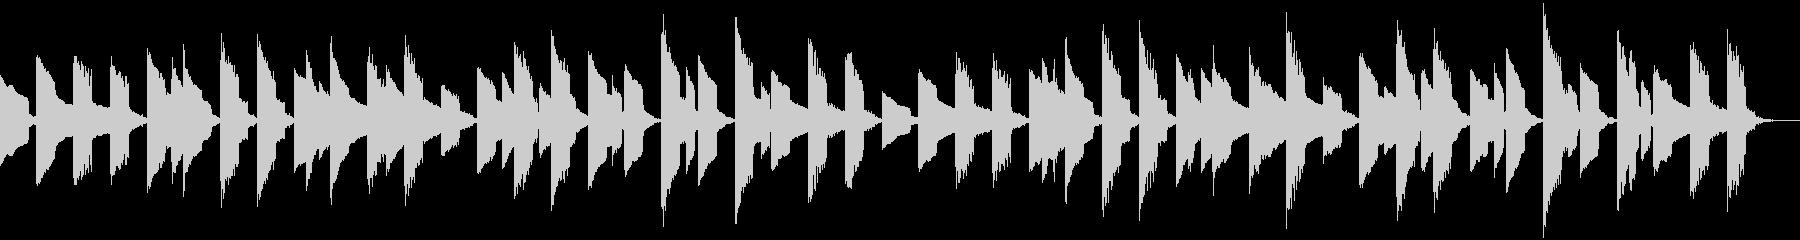 サッカーの有名な応援曲 ファミコンの未再生の波形